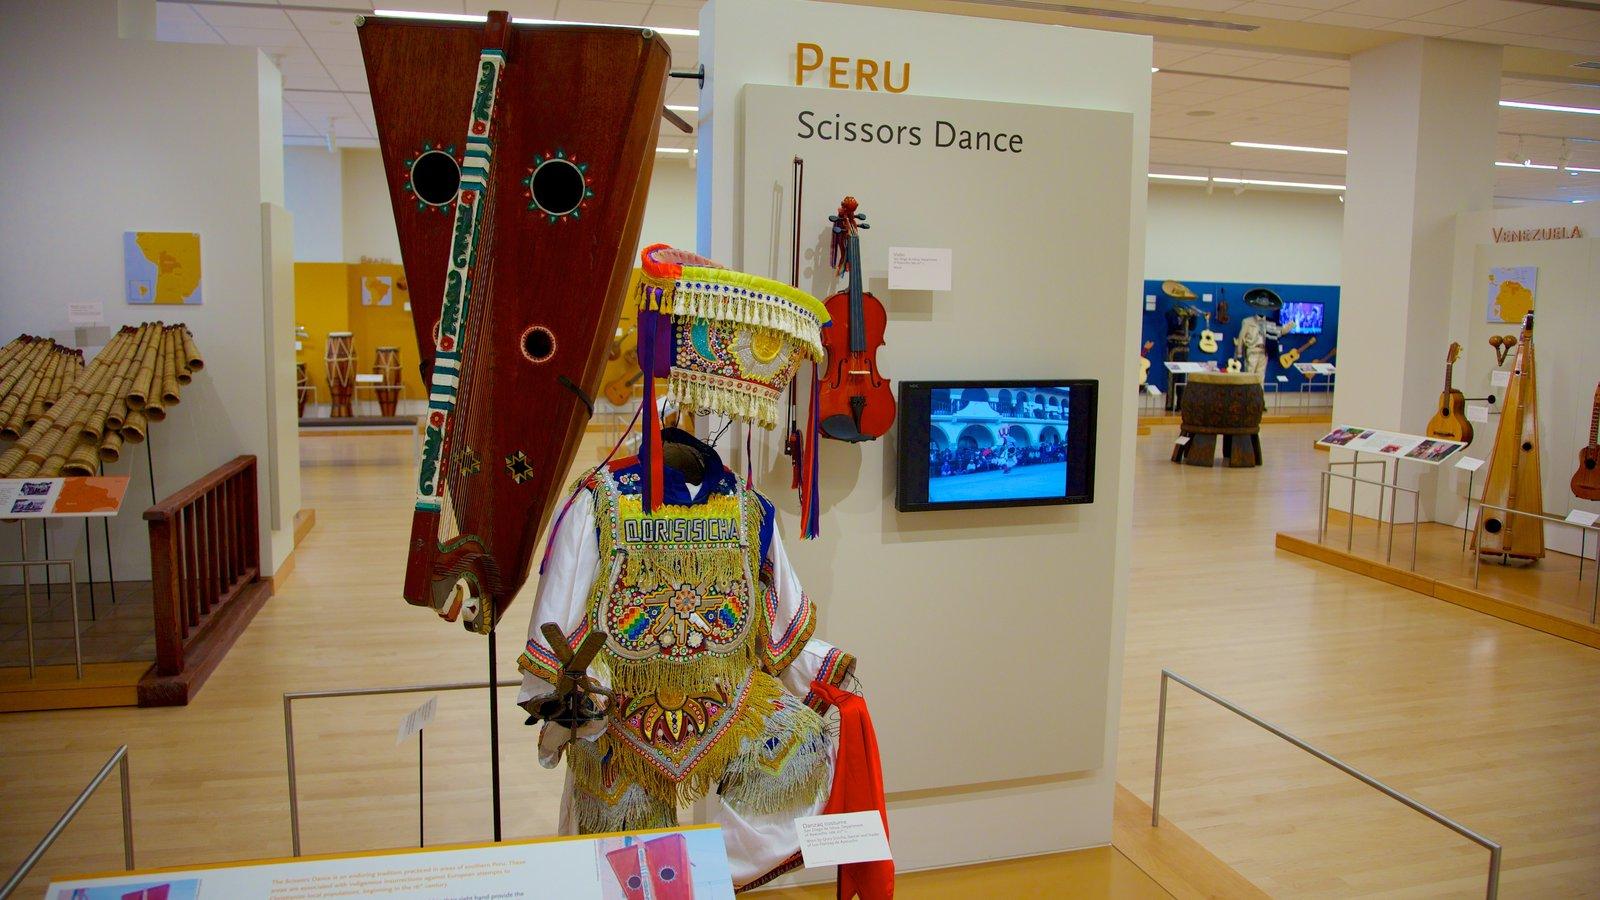 Museu dos Instrumentos Musicais que inclui vistas internas e sinalização